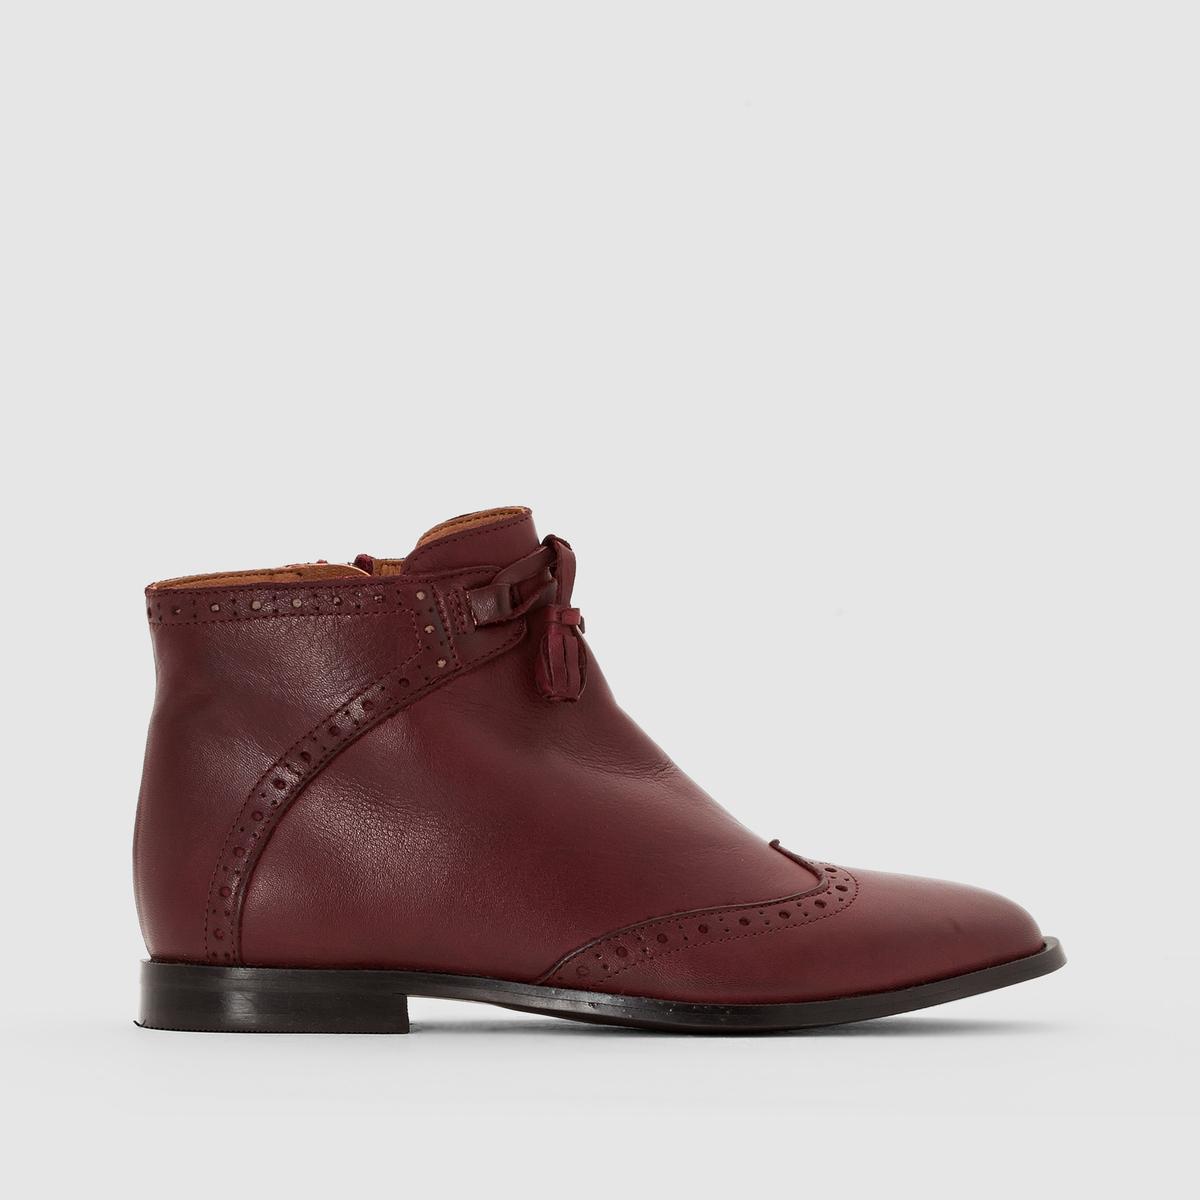 Ботильоны кожаные с кисточками ботинки кожаные с кисточками